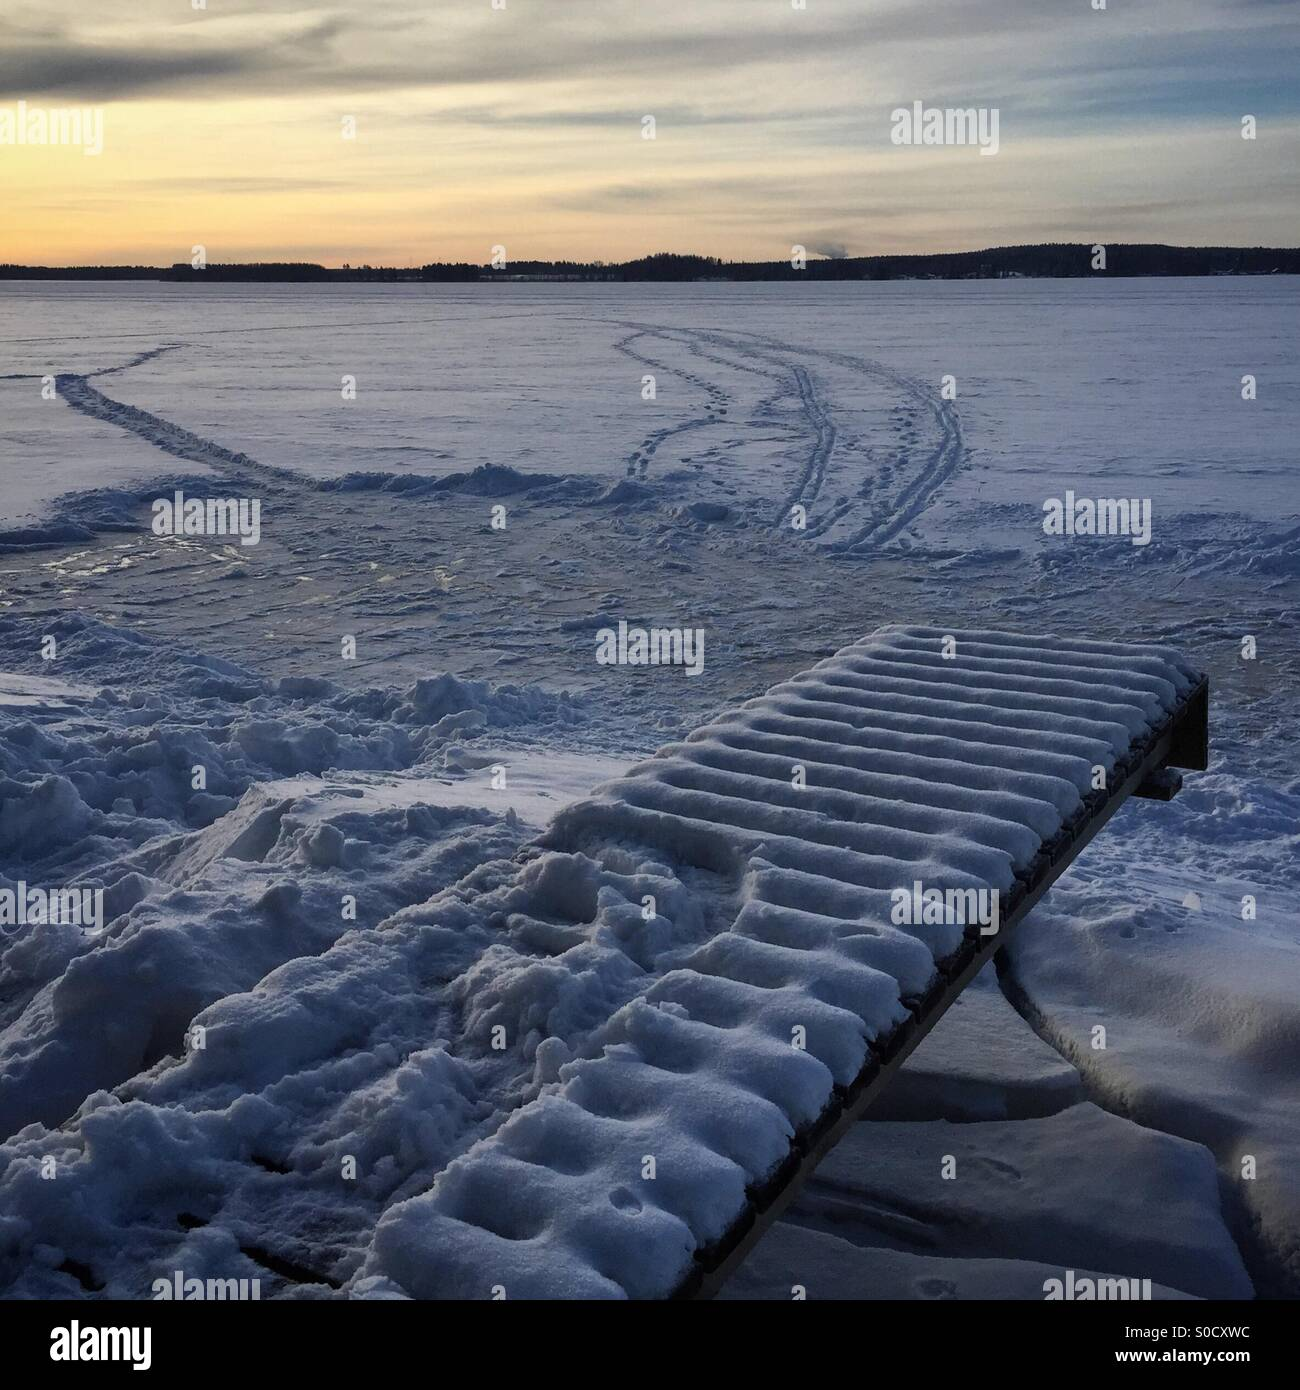 Une patinoire, un quai et des pistes de ski au coucher du soleil à un endroit idyllique lac gelé de l'Arctique Photo Stock